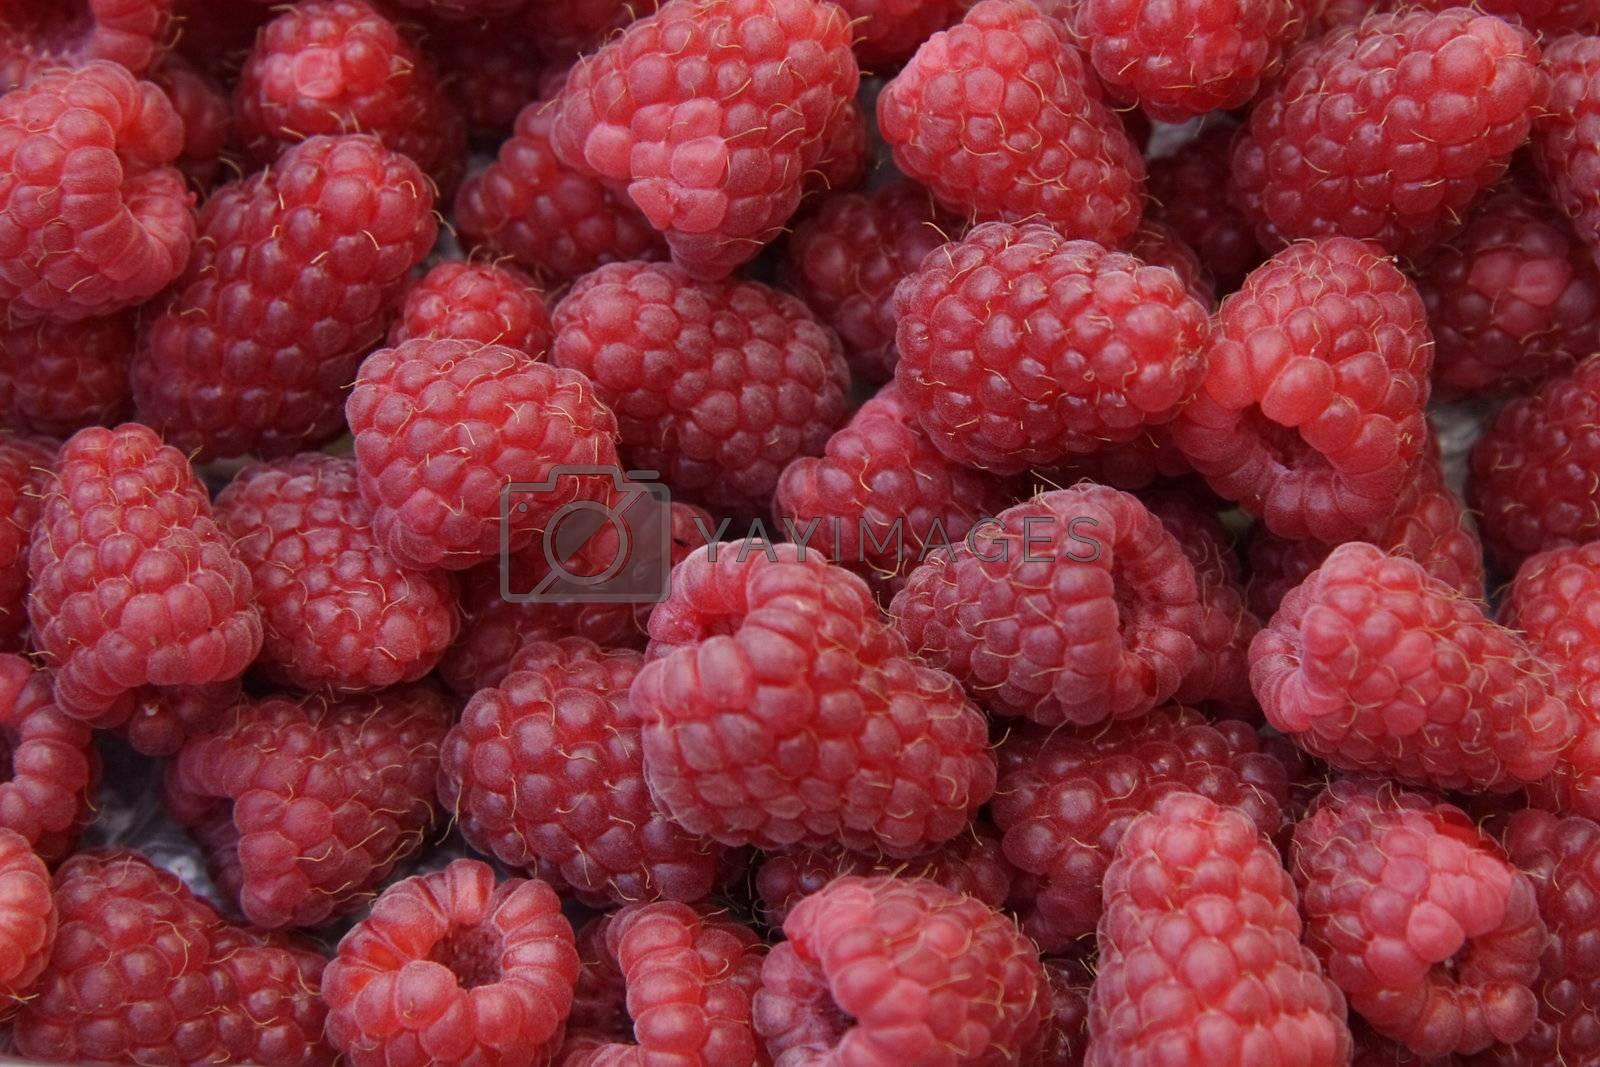 closeup detail of fresh raspberries freshly picked